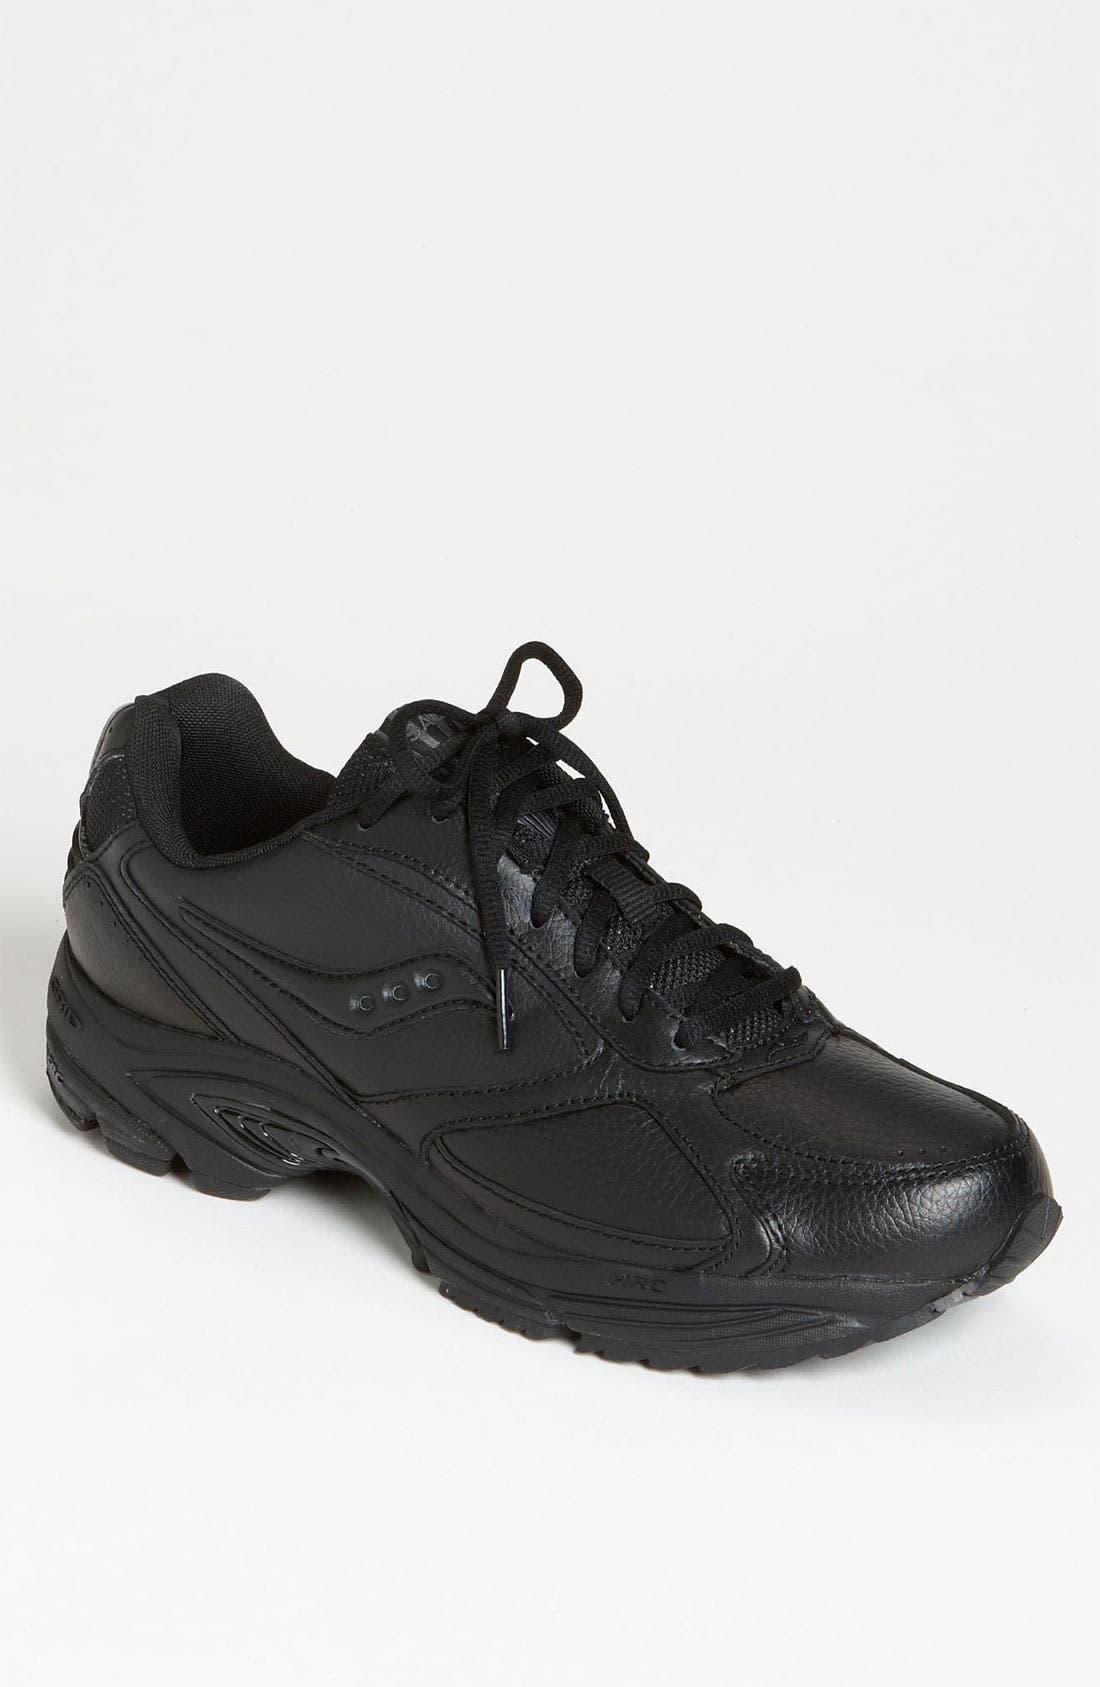 Alternate Image 1 Selected - Saucony 'Grid Omni' Walking Shoe (Men) (Online Only)